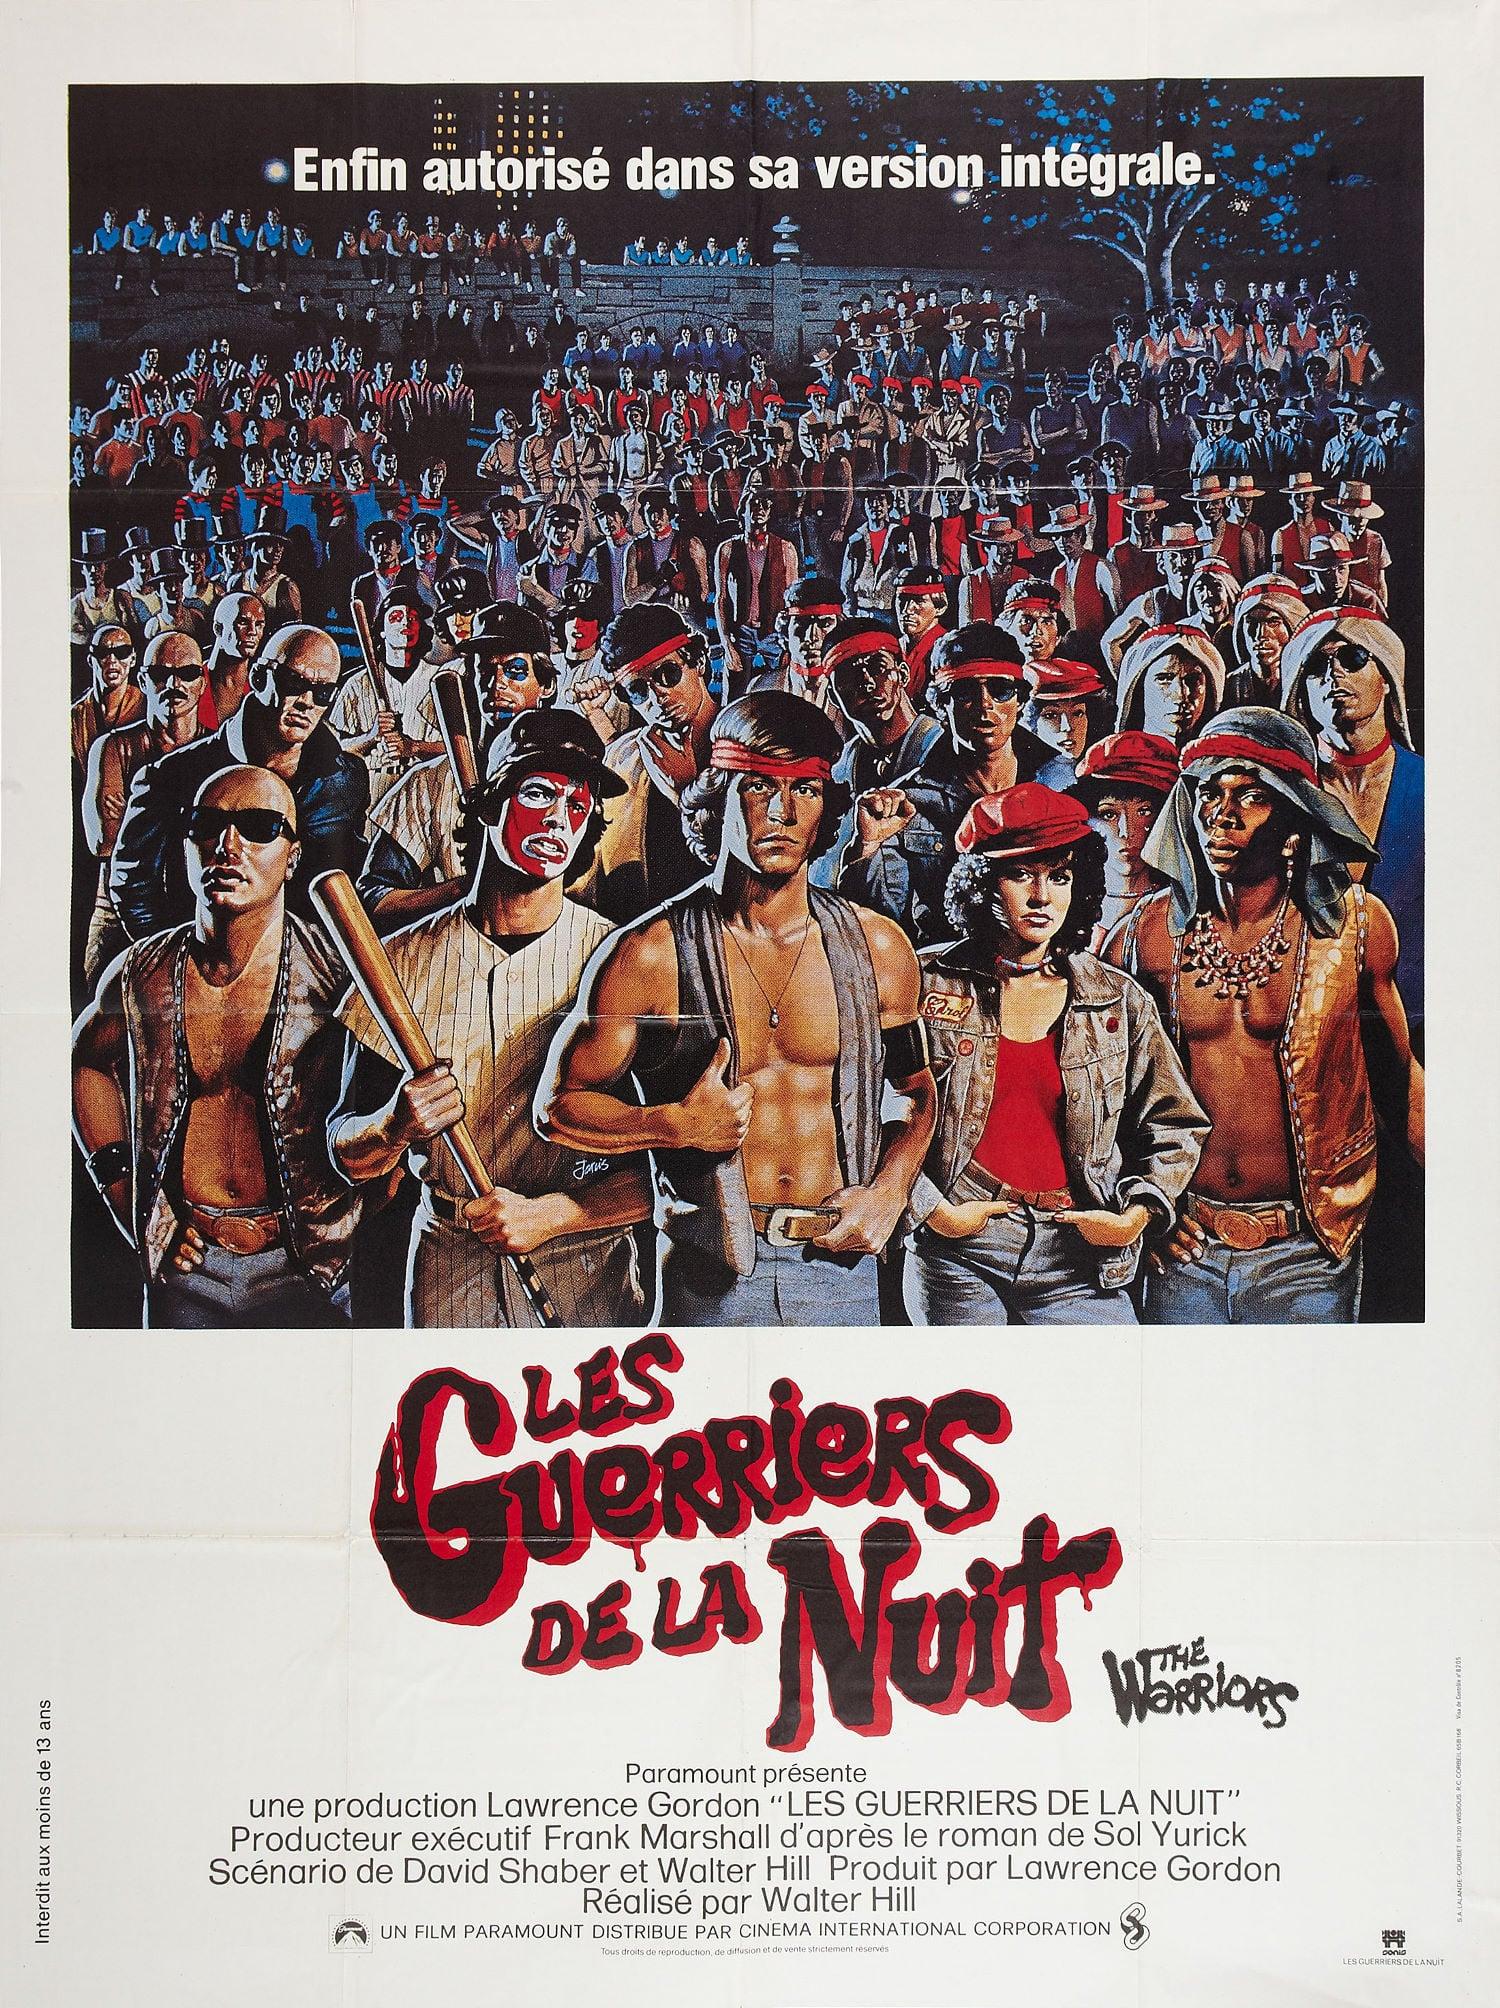 affiche du film Les Guerriers de la nuit